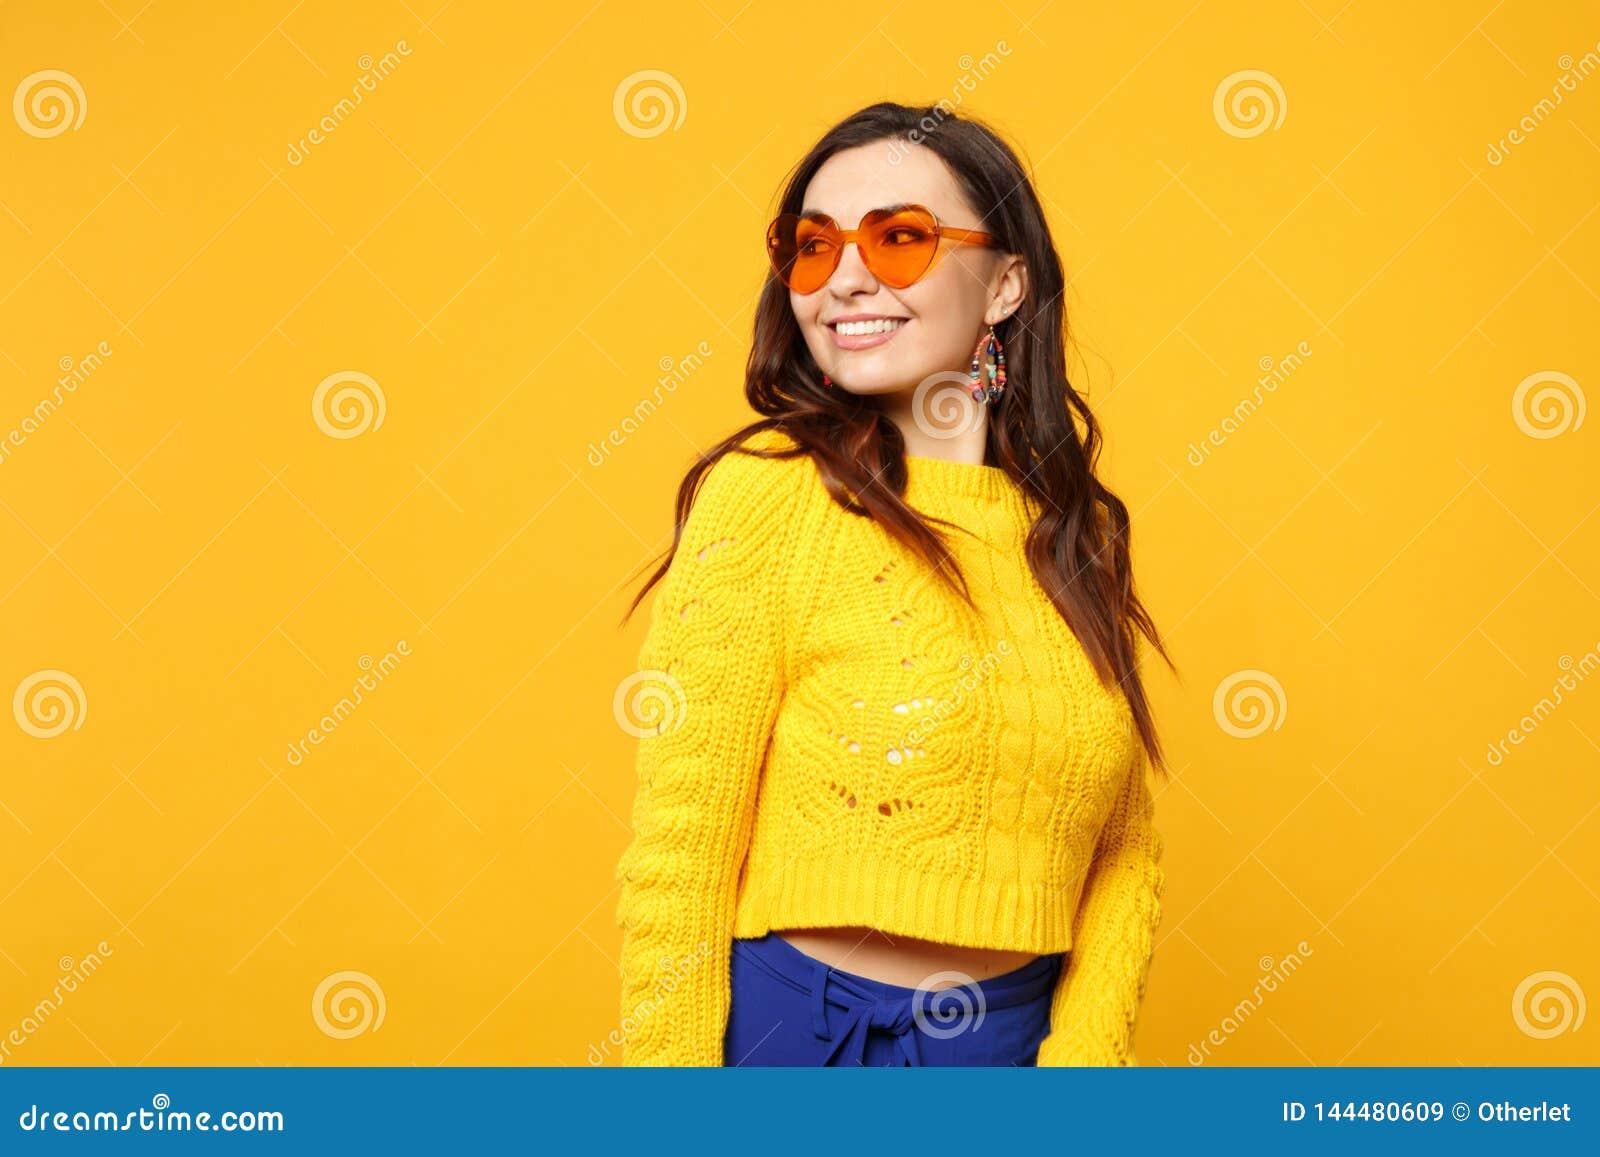 Portret dosyć uśmiechać się młodej kobiety w pulowerze, błękitni spodnia, kierowi szkła patrzeje na boku odizolowywający na żółte